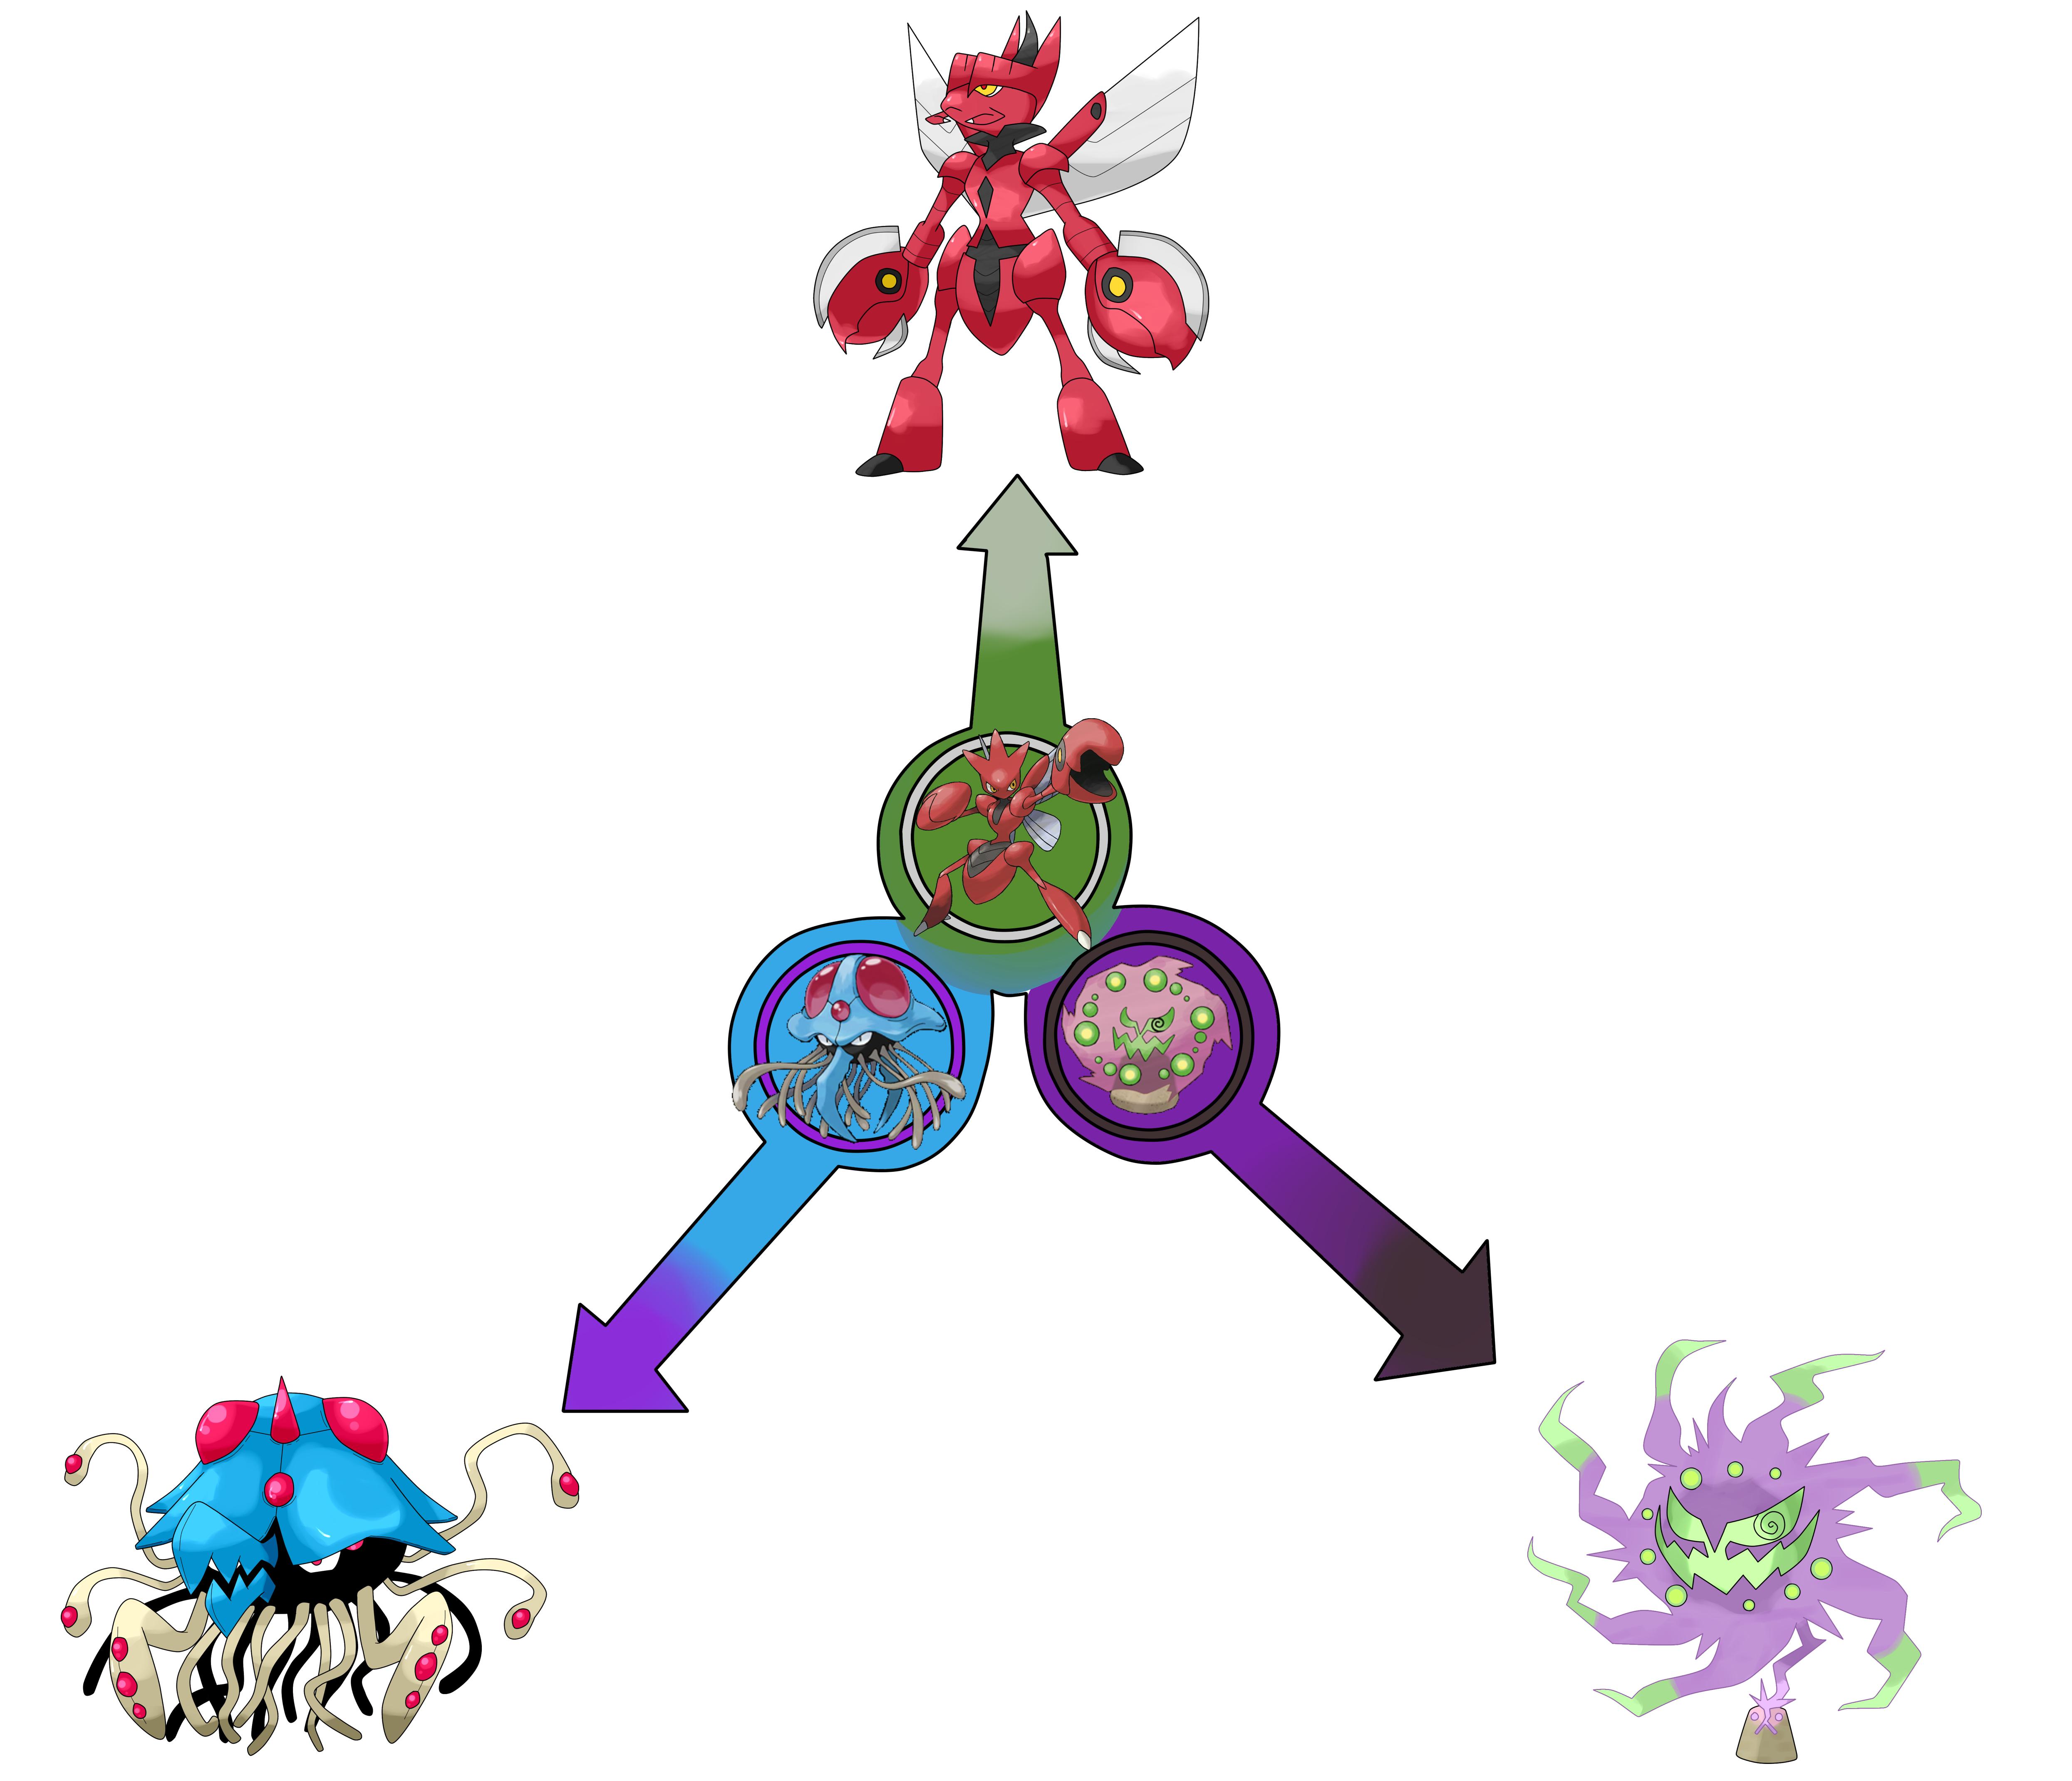 Fanmade mega evolutions by chrisj alejo on deviantart - Mega evoltion ...